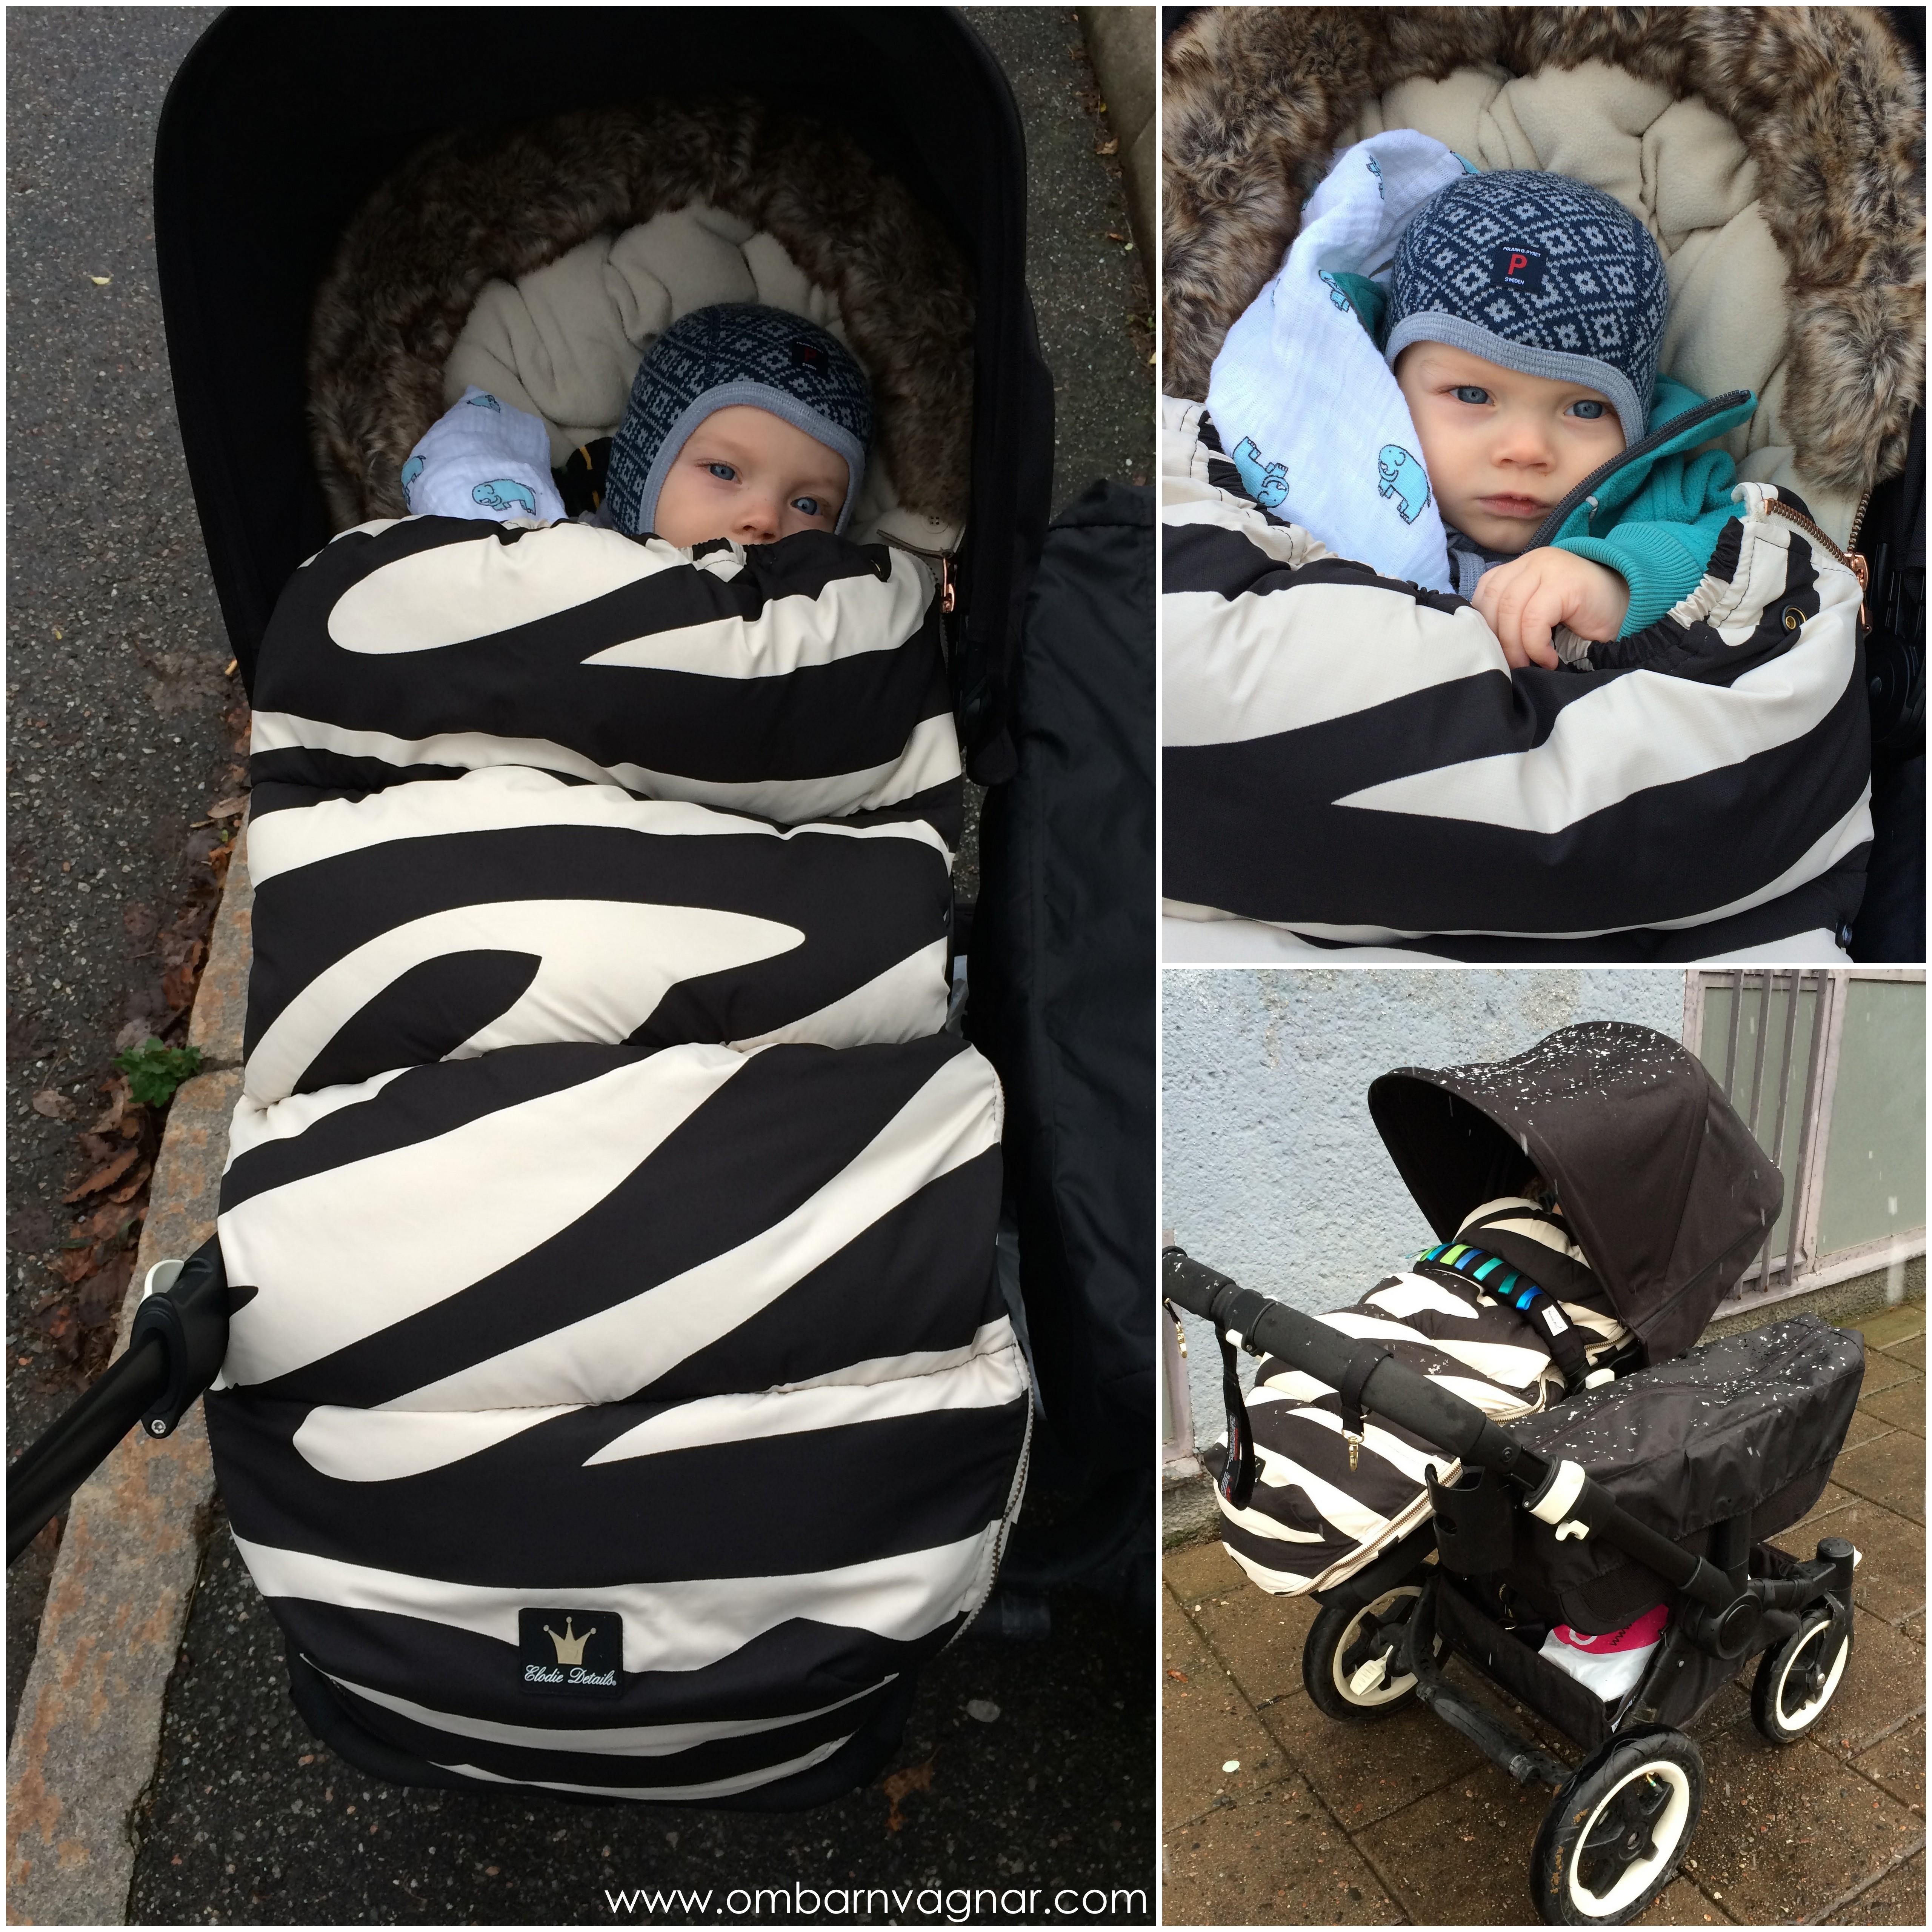 Så ryms barn i Elodie Details åkpåse